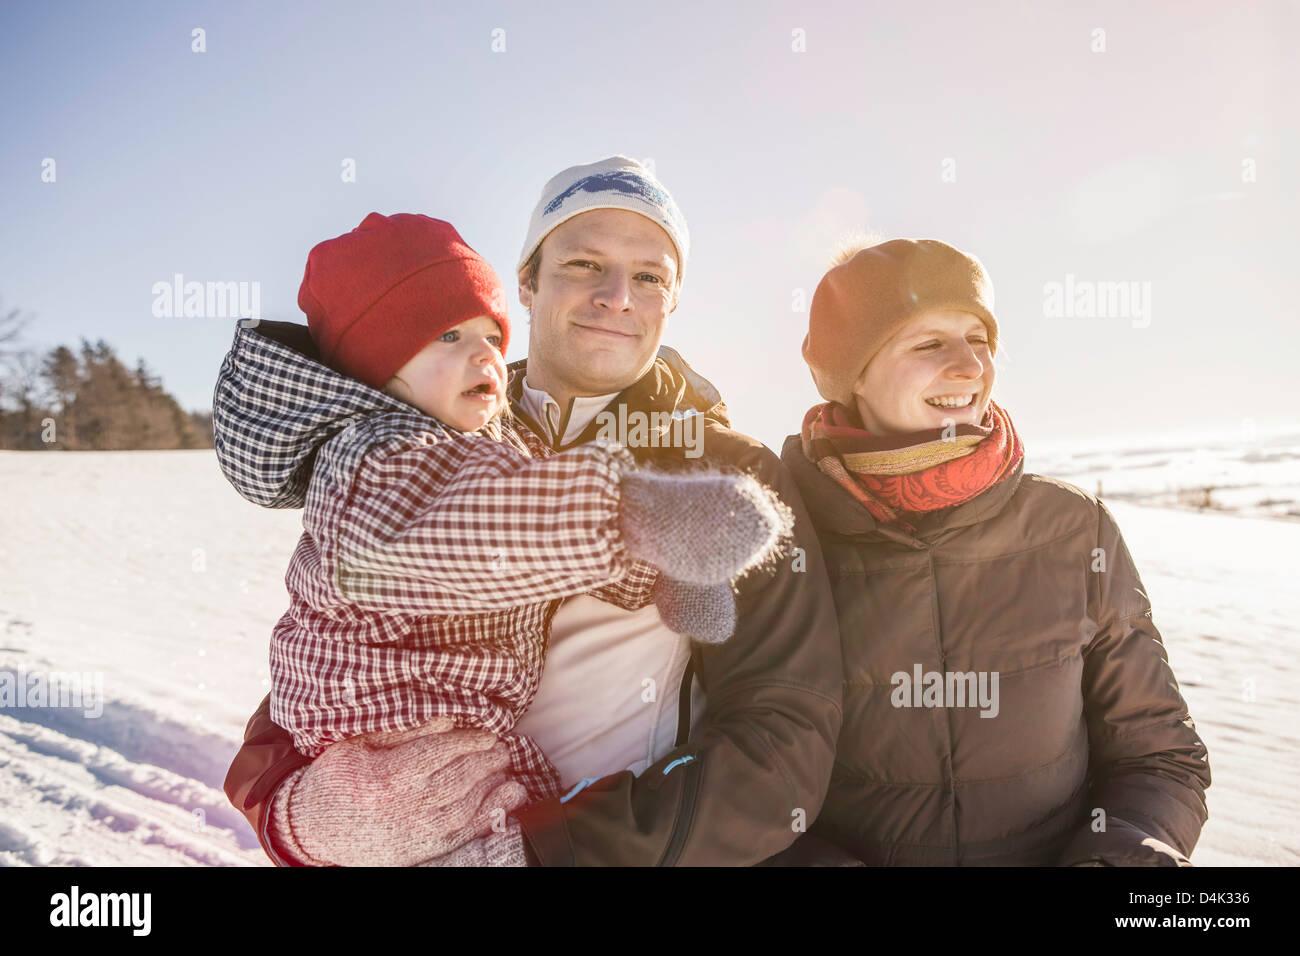 Famiglia sorridente a piedi nella neve Immagini Stock